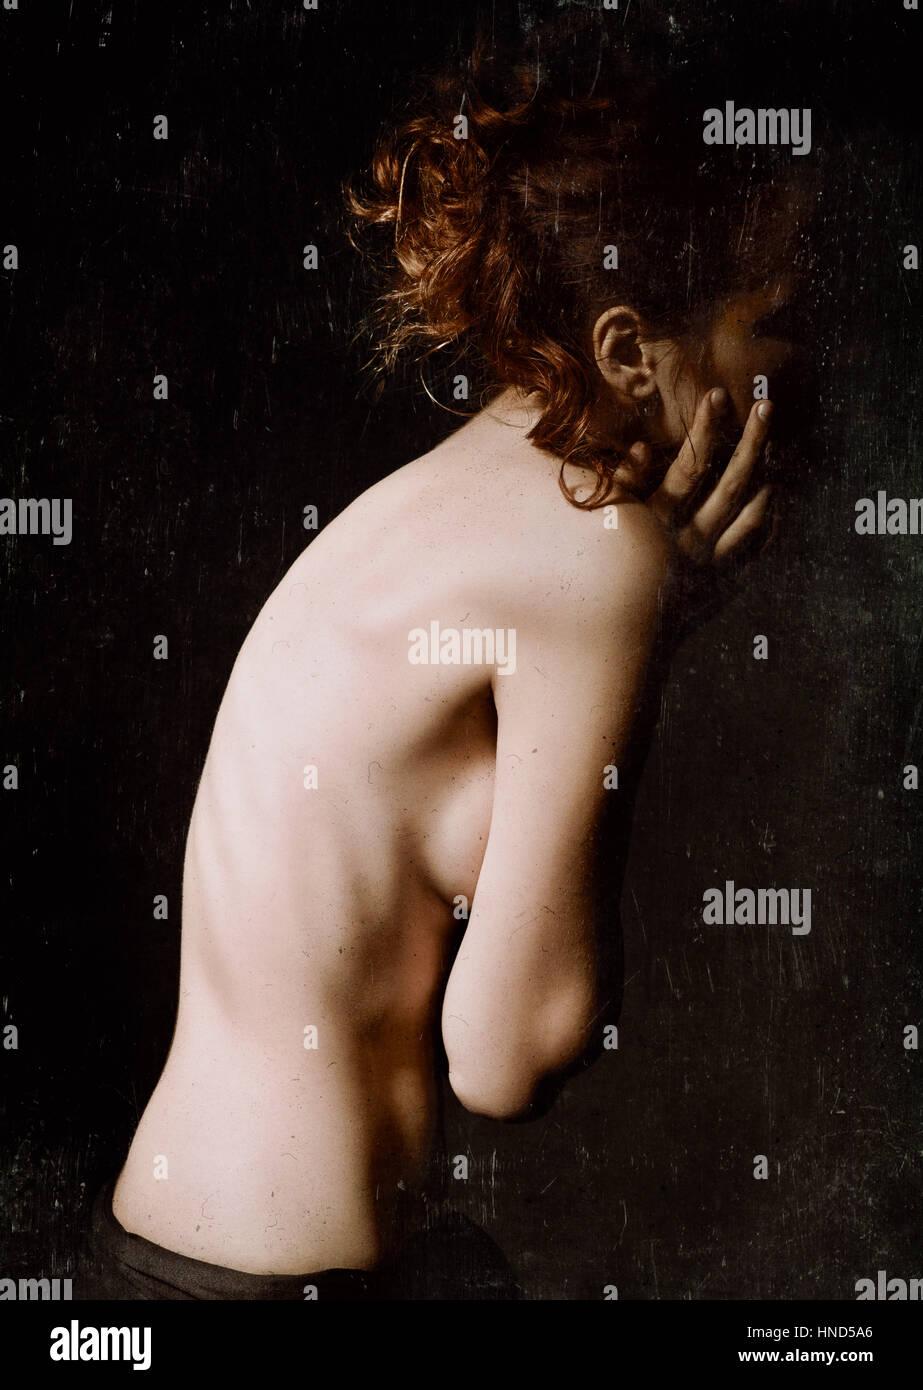 Sombre portrait d'une jeune femme parmi l'obscurité. Effet texture Grunge Photo Stock